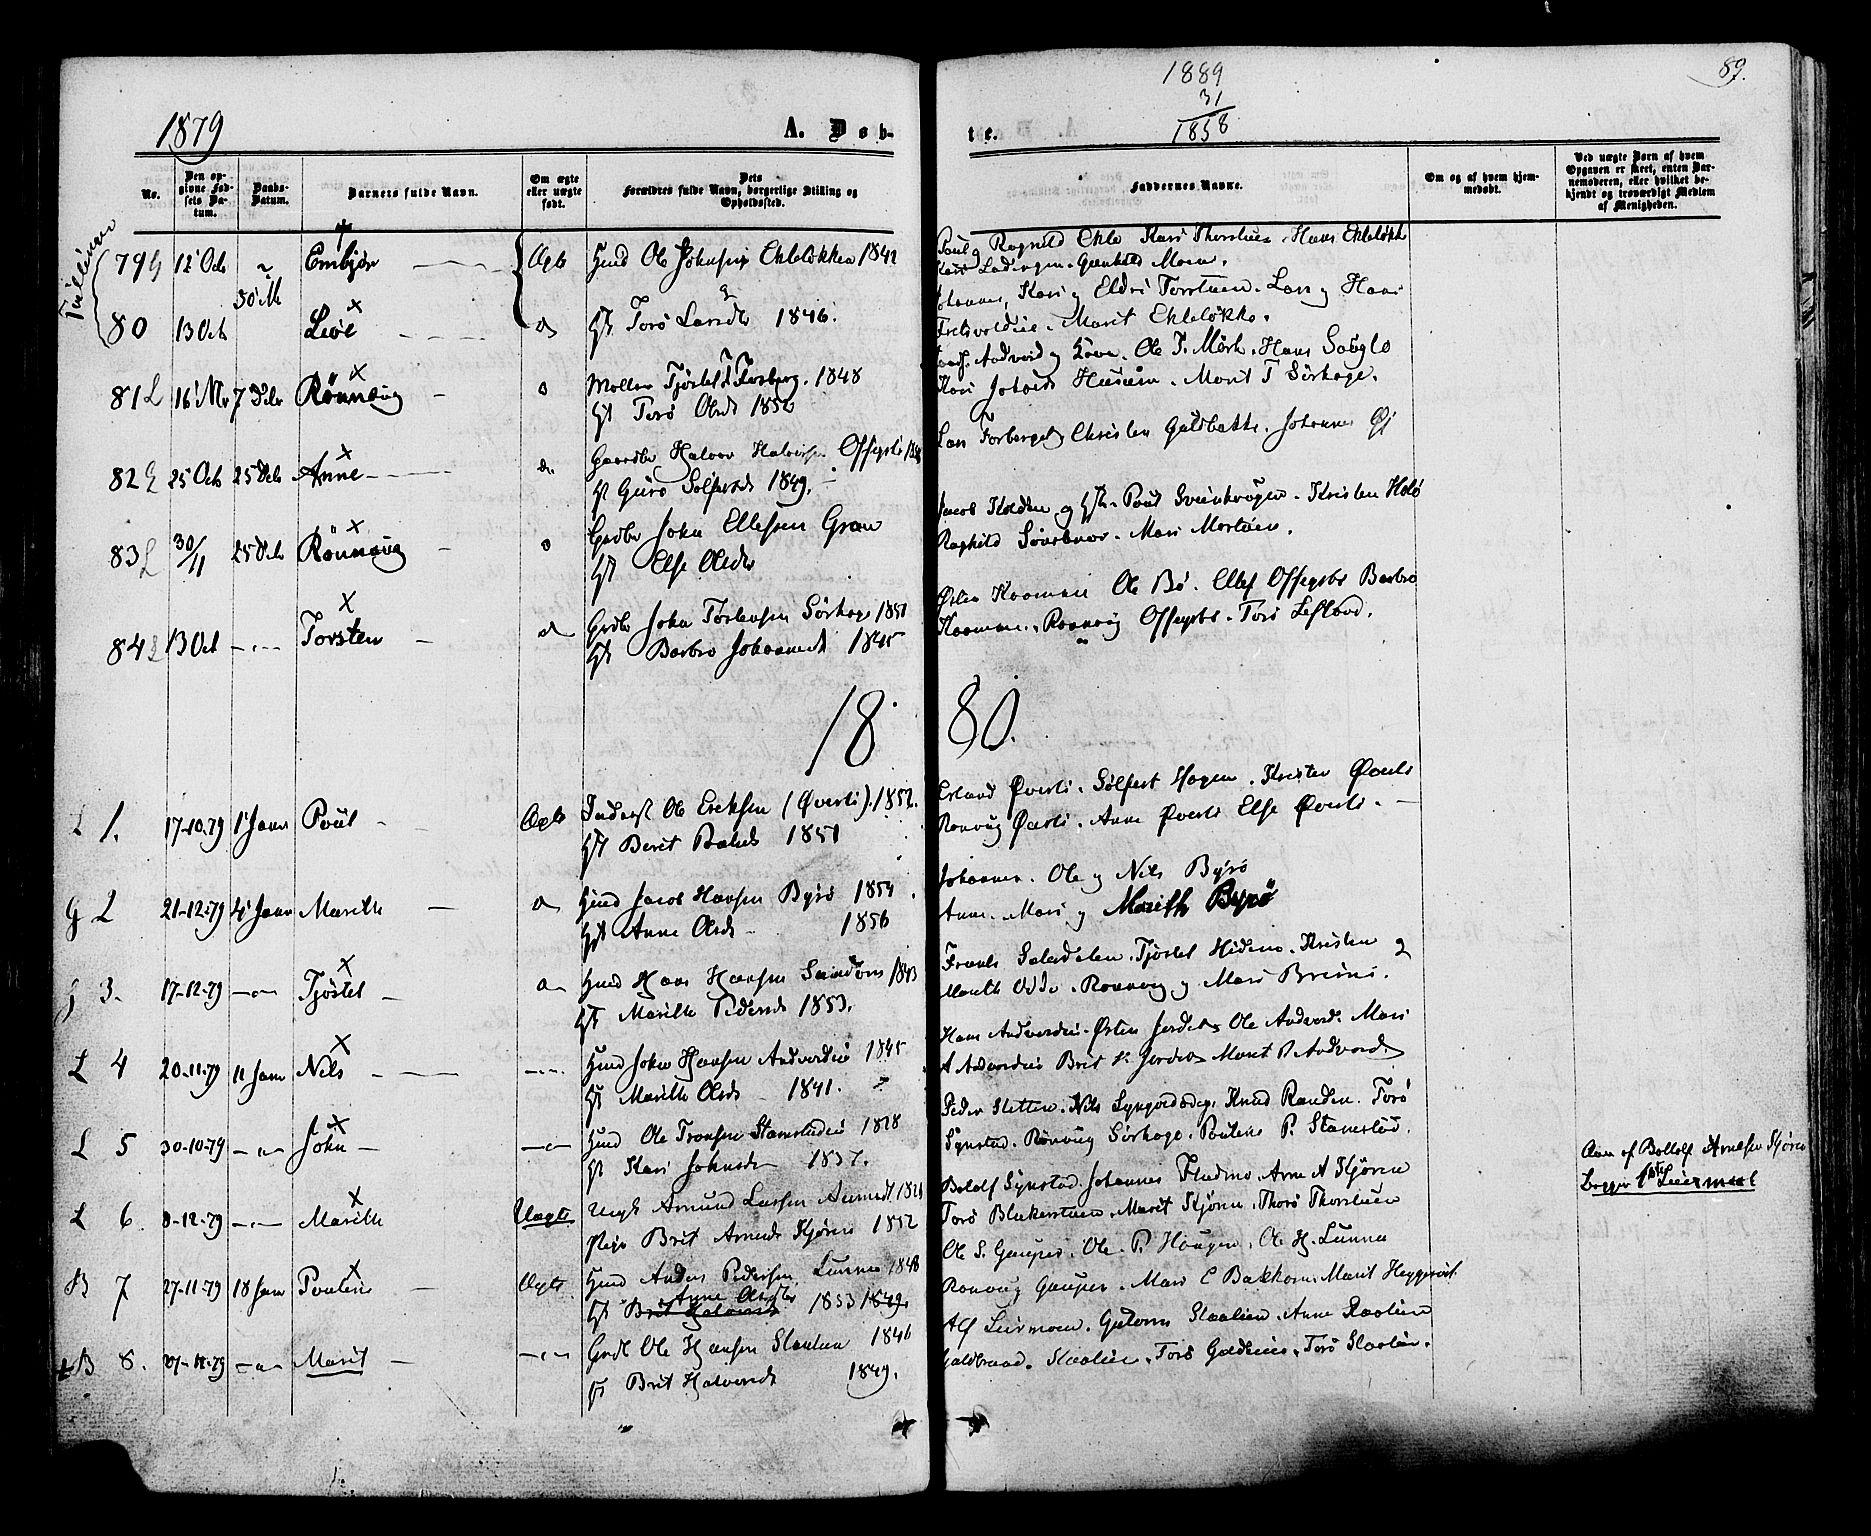 SAH, Lom prestekontor, K/L0007: Ministerialbok nr. 7, 1863-1884, s. 89